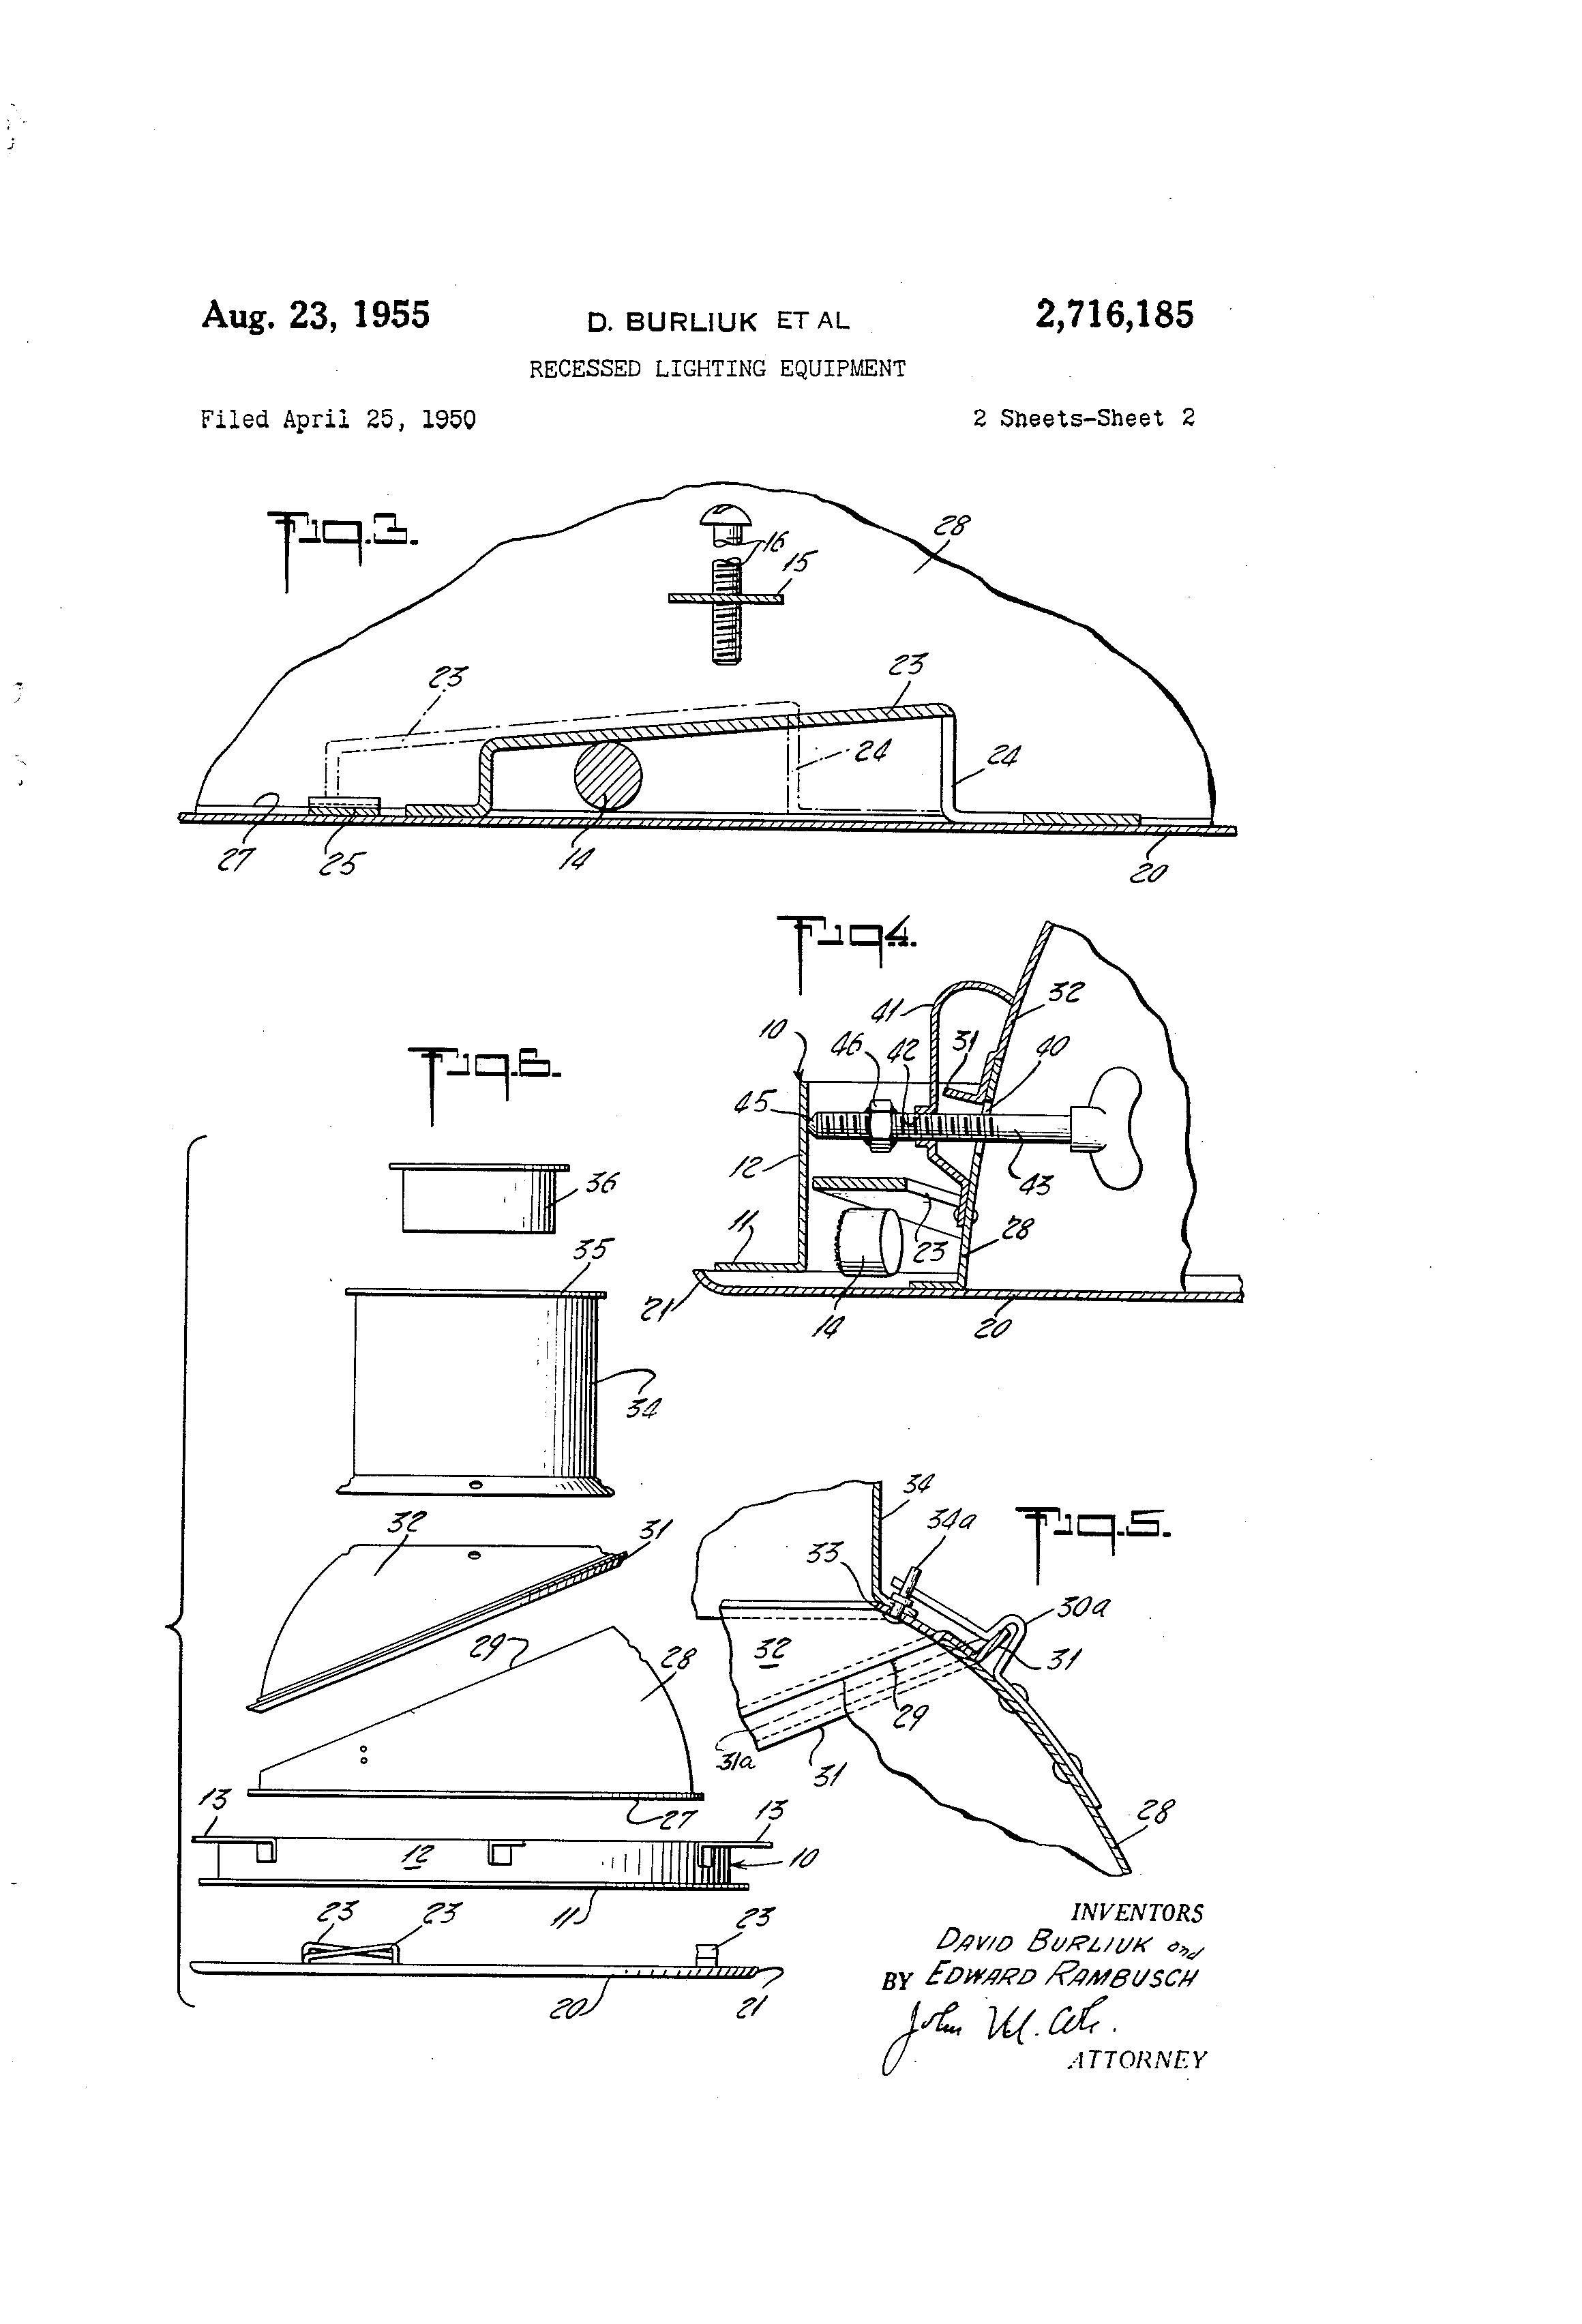 patent us2716185 - recessed lighting equipment